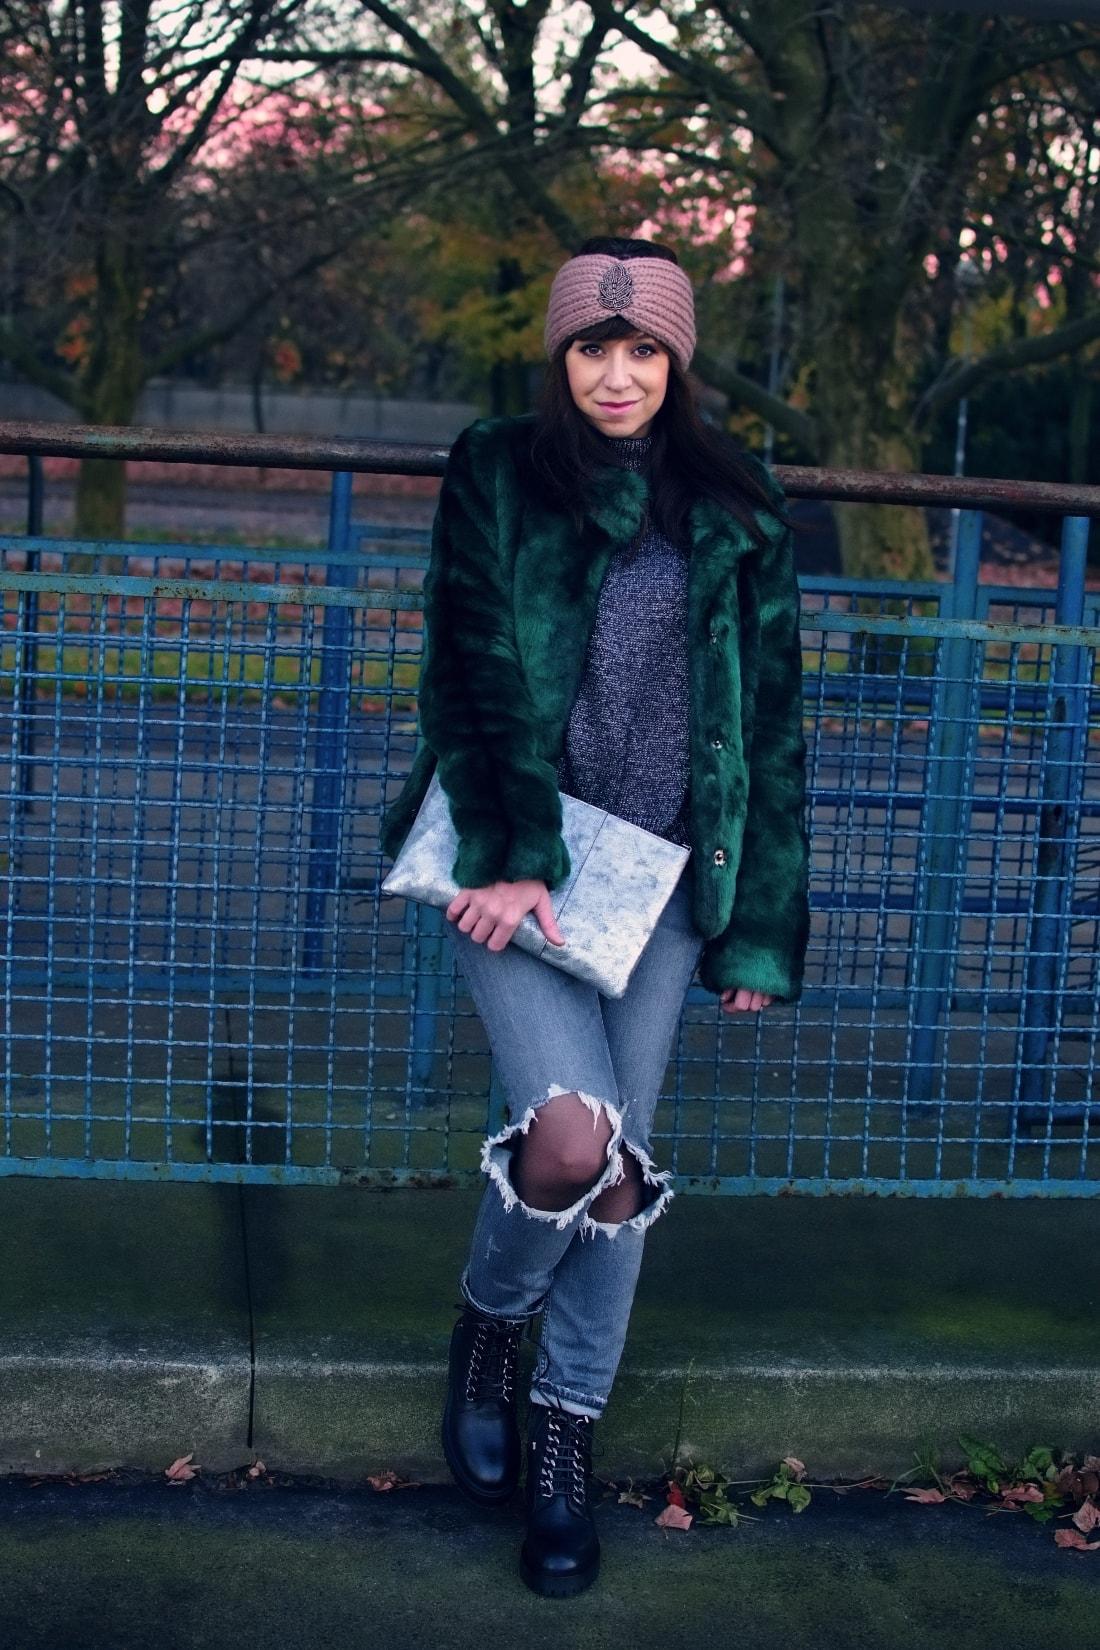 DNES NOSÍM ZELENÚ KOŽUŠINOVÚ BUNDU_Katharine-fashion is beautiful_blog 2_Zelený kožuch More&More_Sivé roztrhané džínsy Zara_Ružová čelenka Lindex_Katarína Jakubčová_Fashion blogger